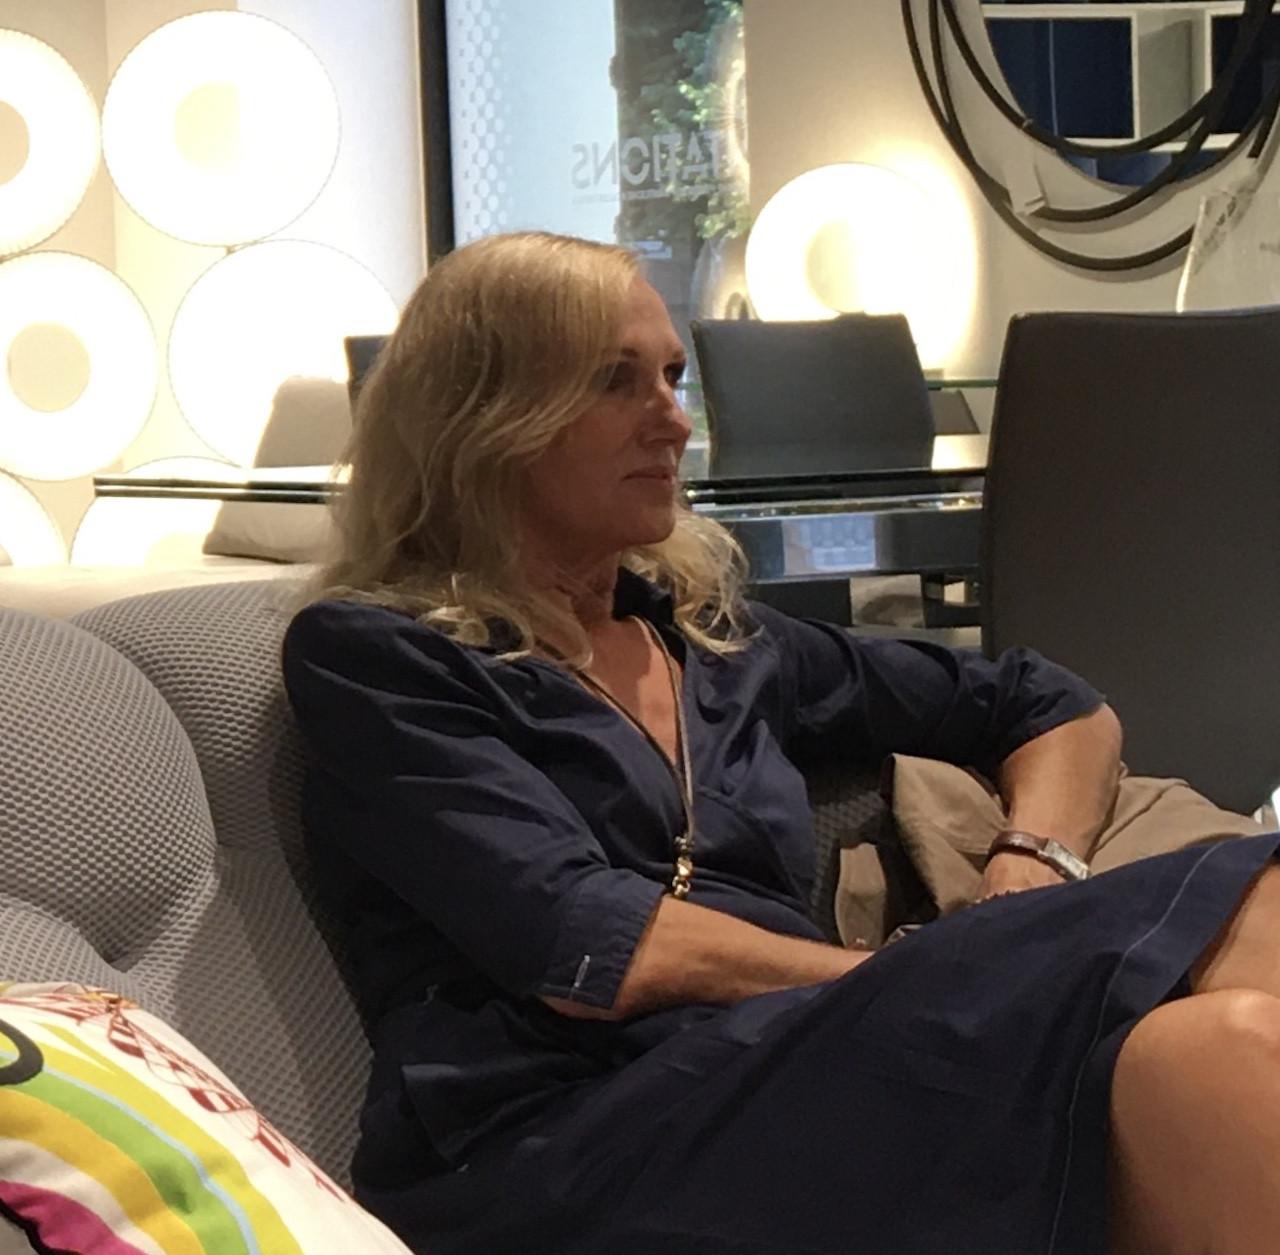 Innenarchitektin Silvia Decke hat schön häufiger Möbel von Roche Bobois eingesetzt